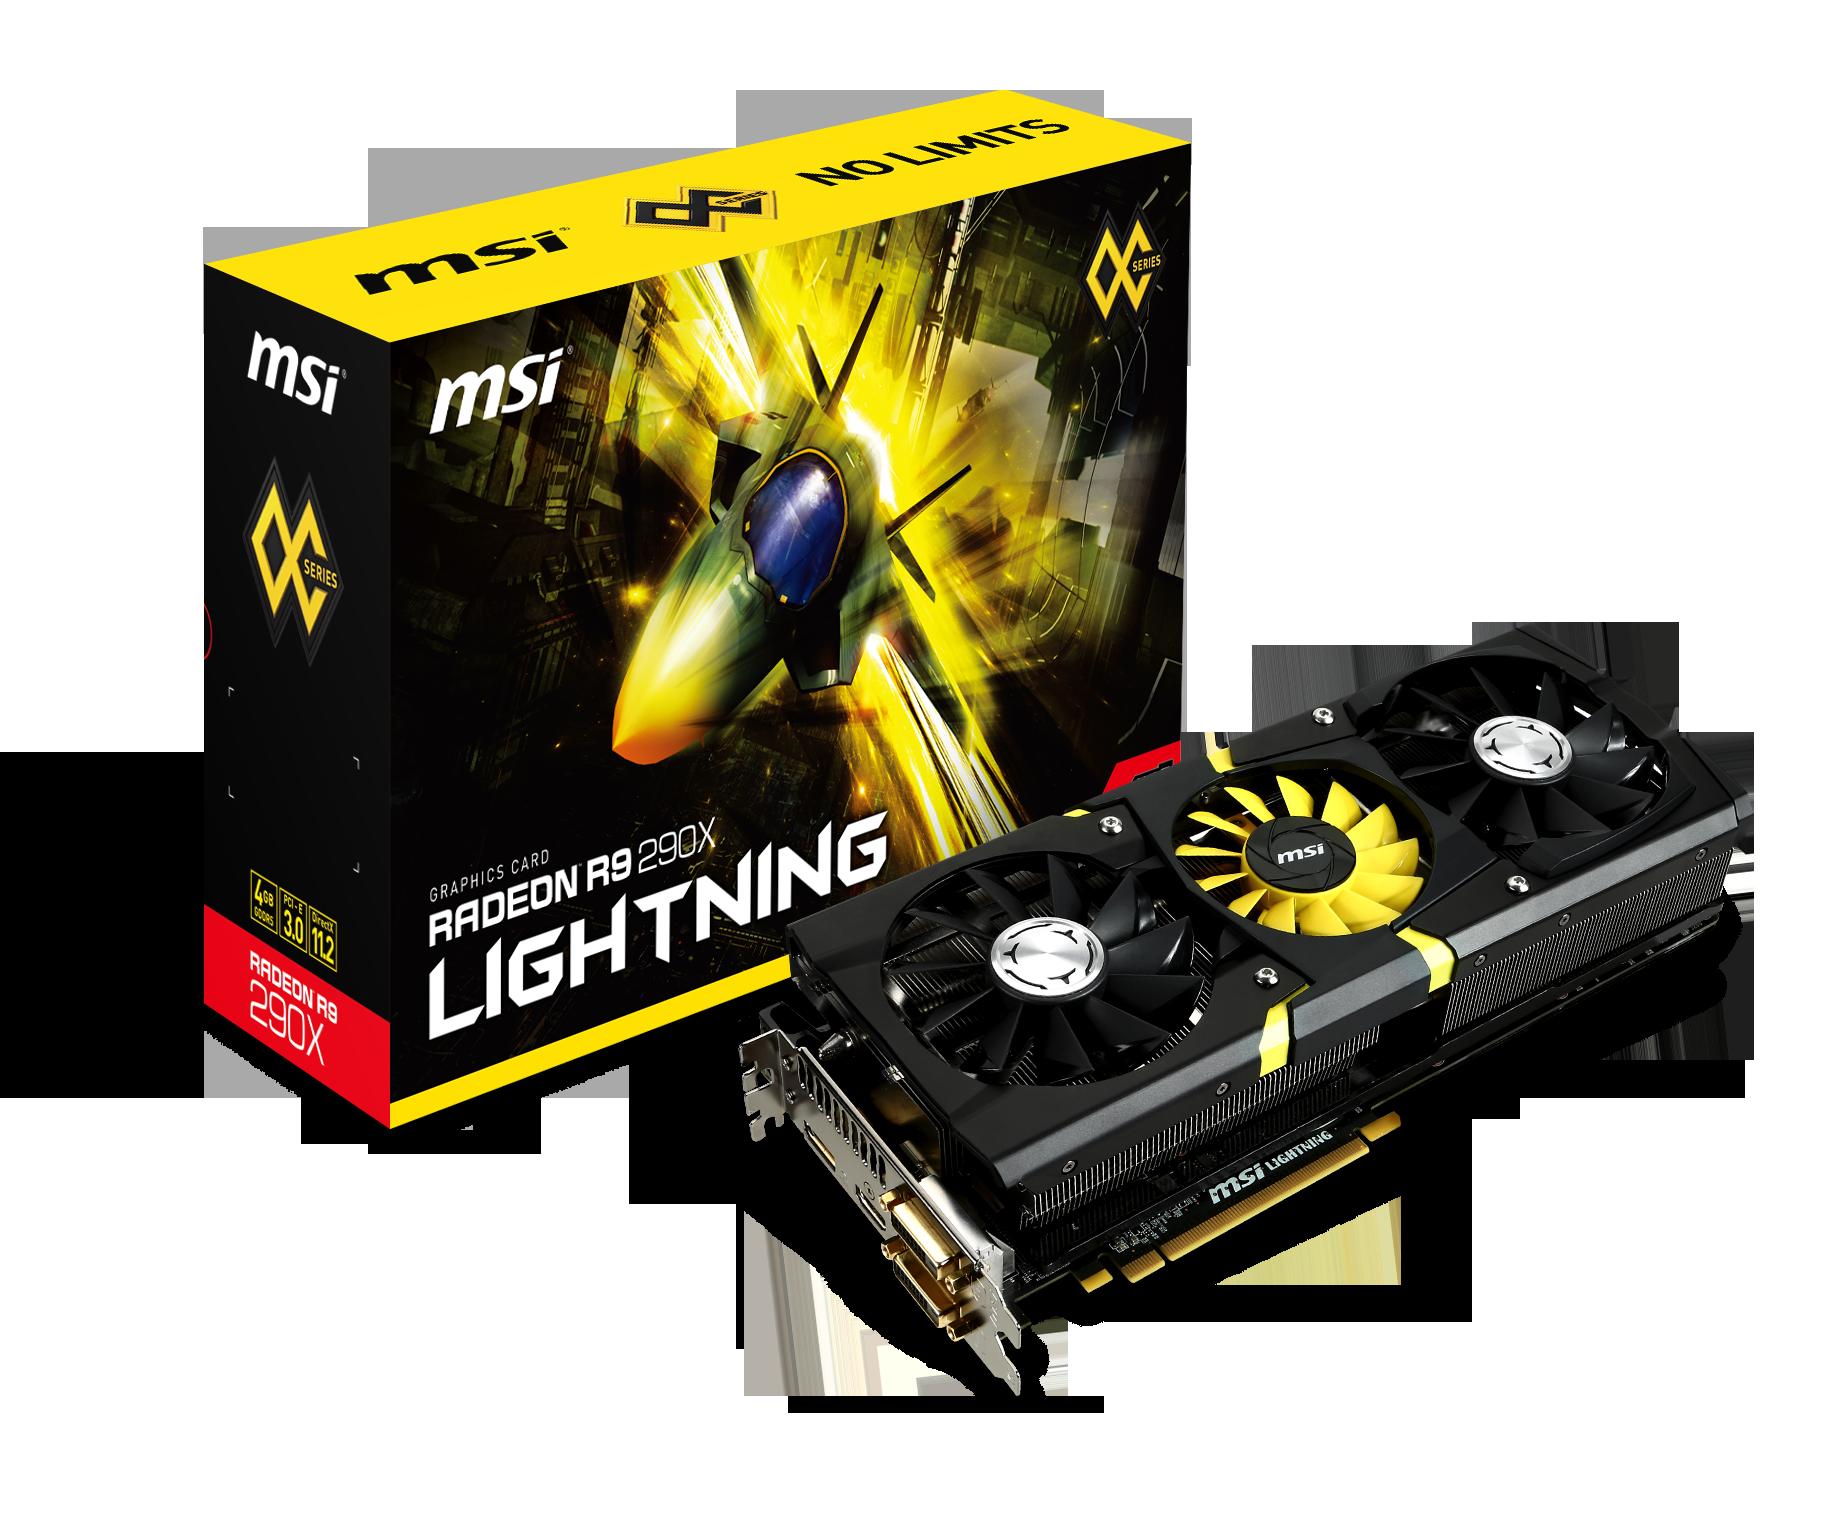 微星發布R9 290X LIGHTNING頂級顯示卡,再創極限效能巔峰。